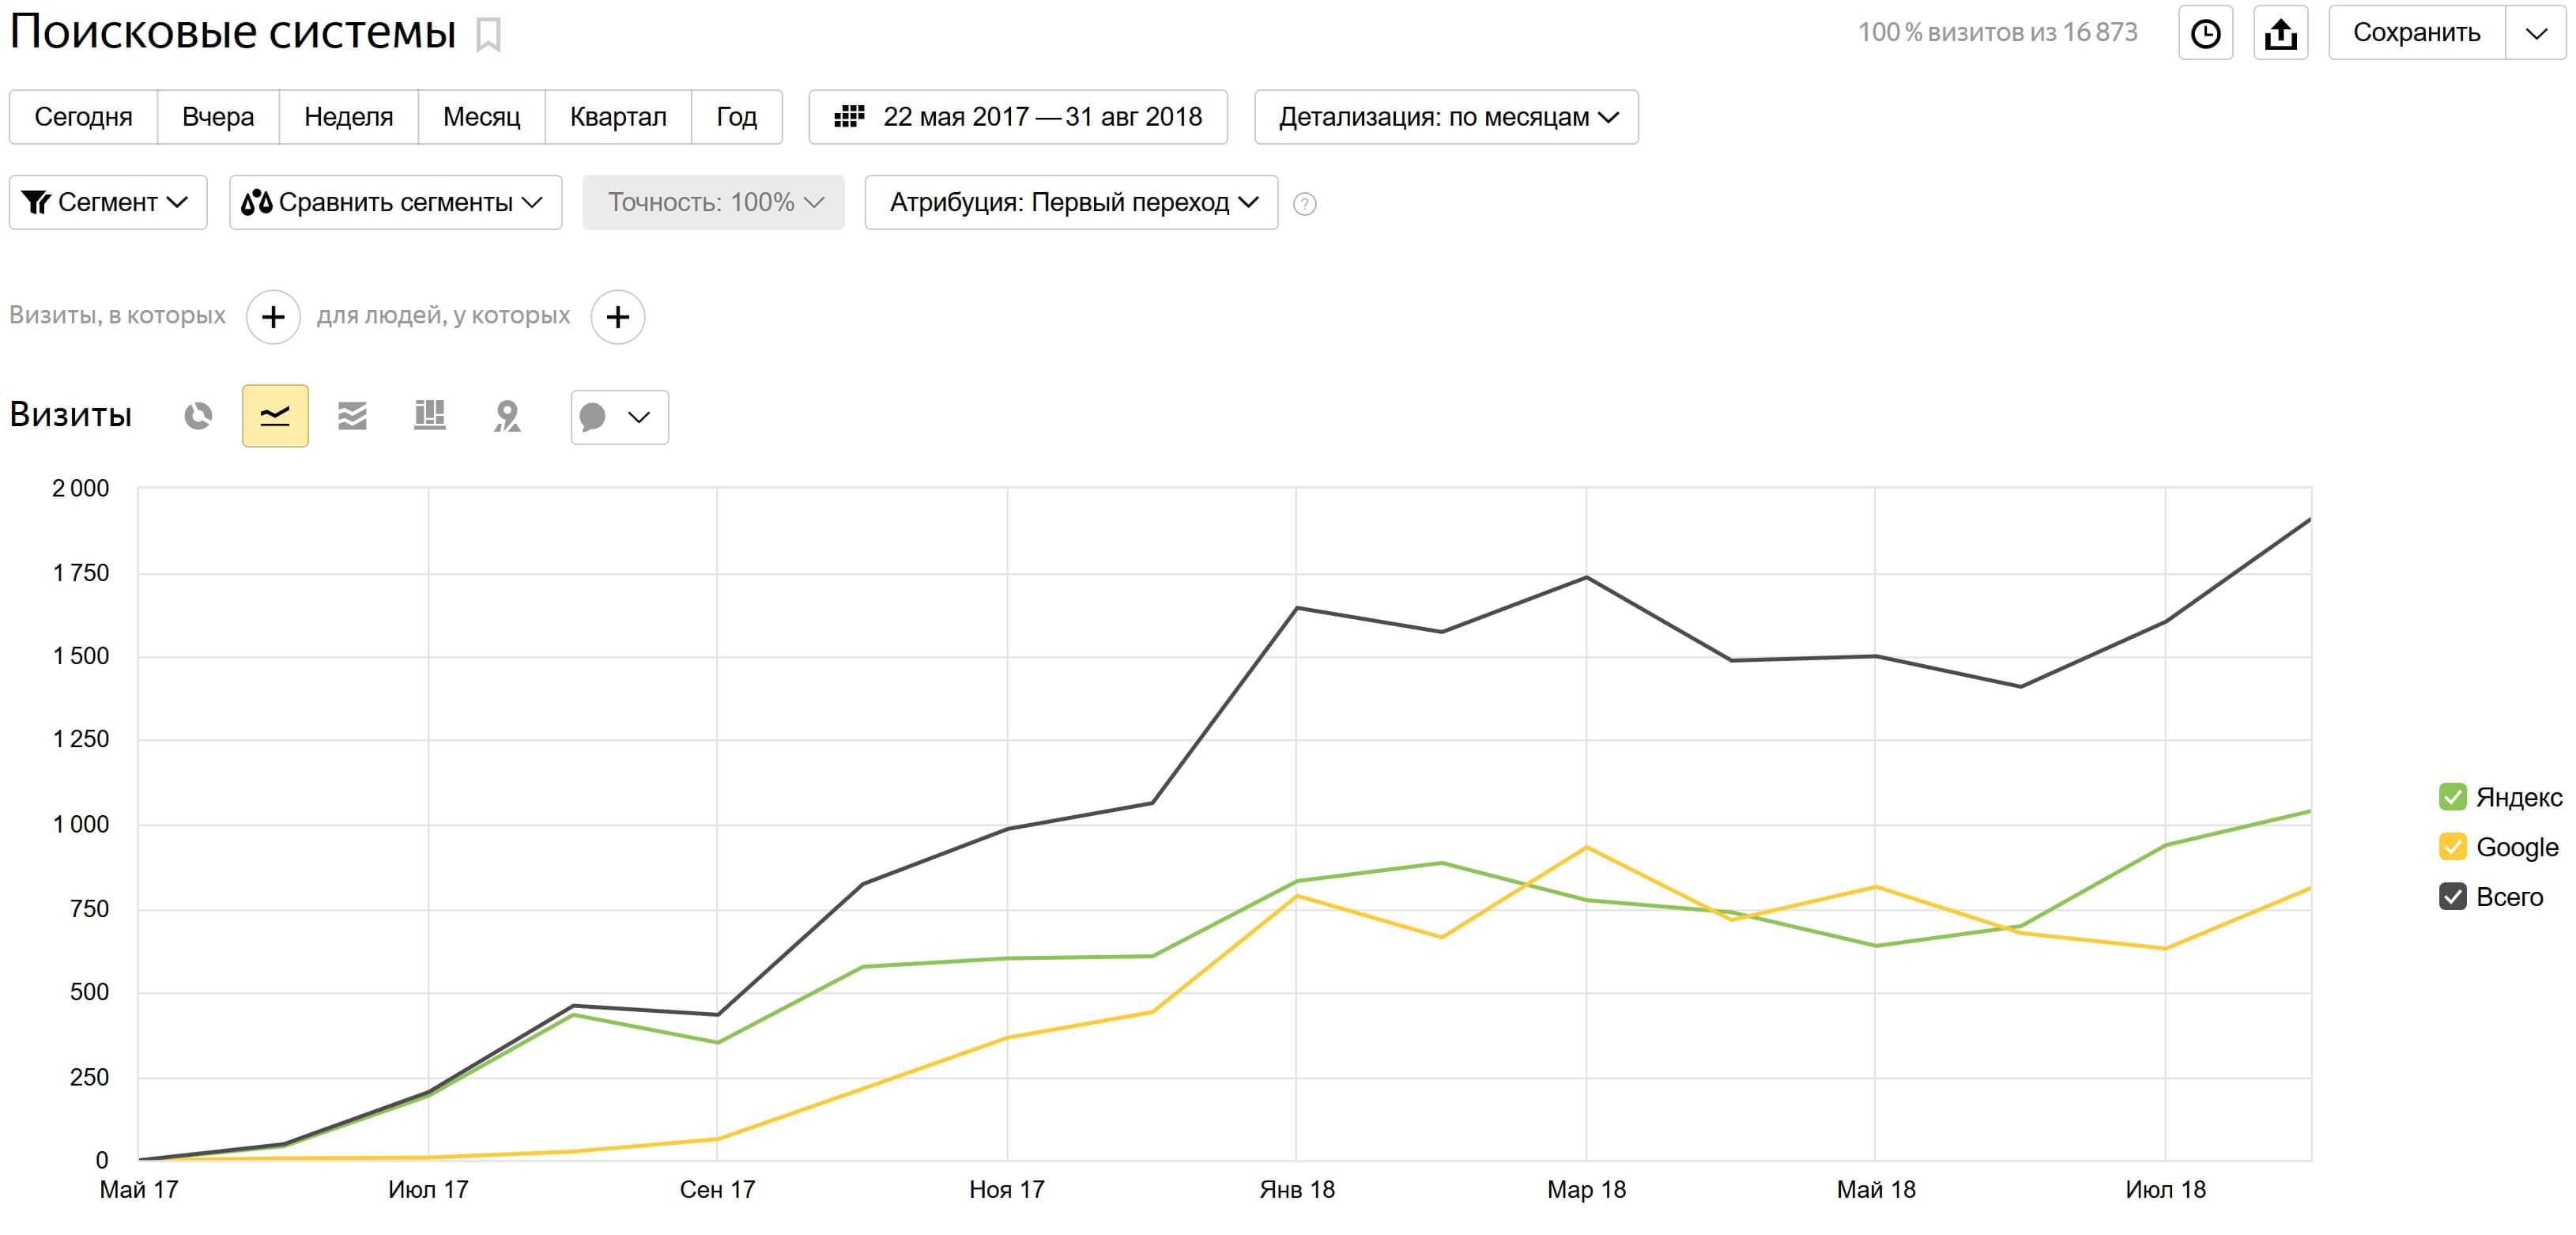 Трафик с поисковых систем Яндекс и Google